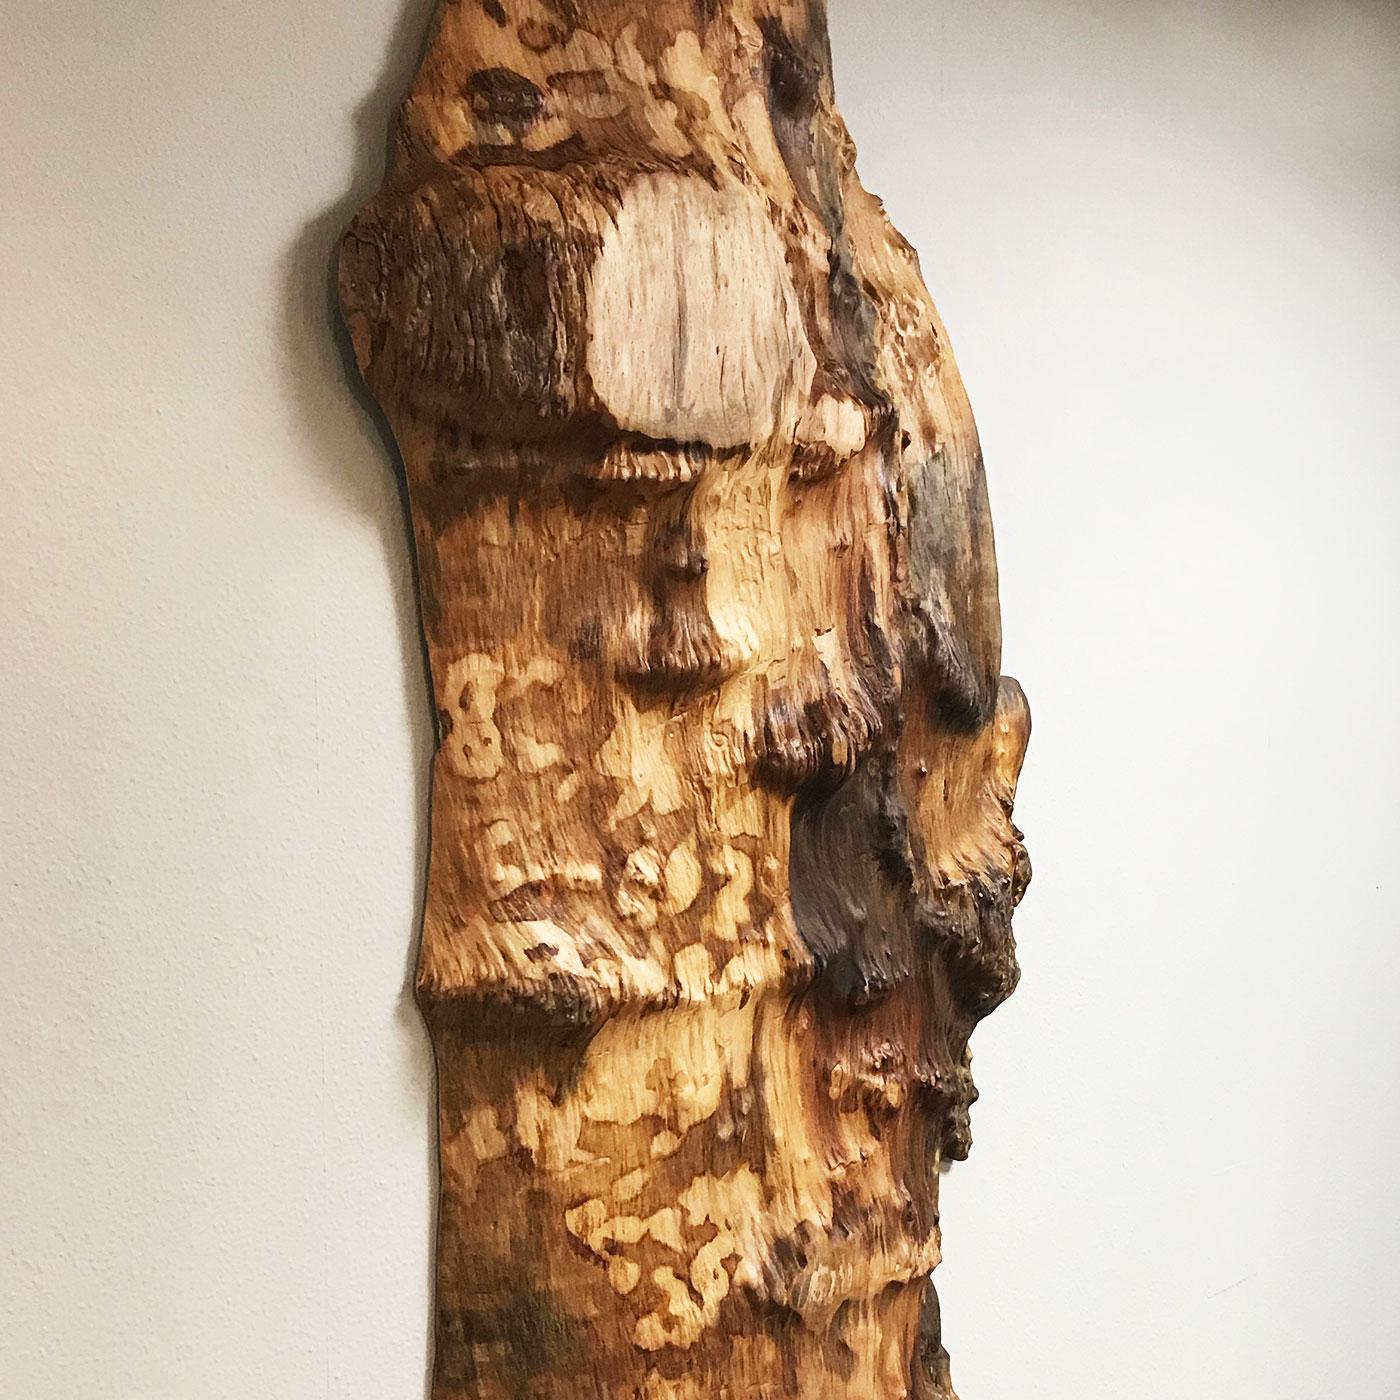 Wandobjekt aus einem Baumstamm, teilweise gewachsene Oberfläche